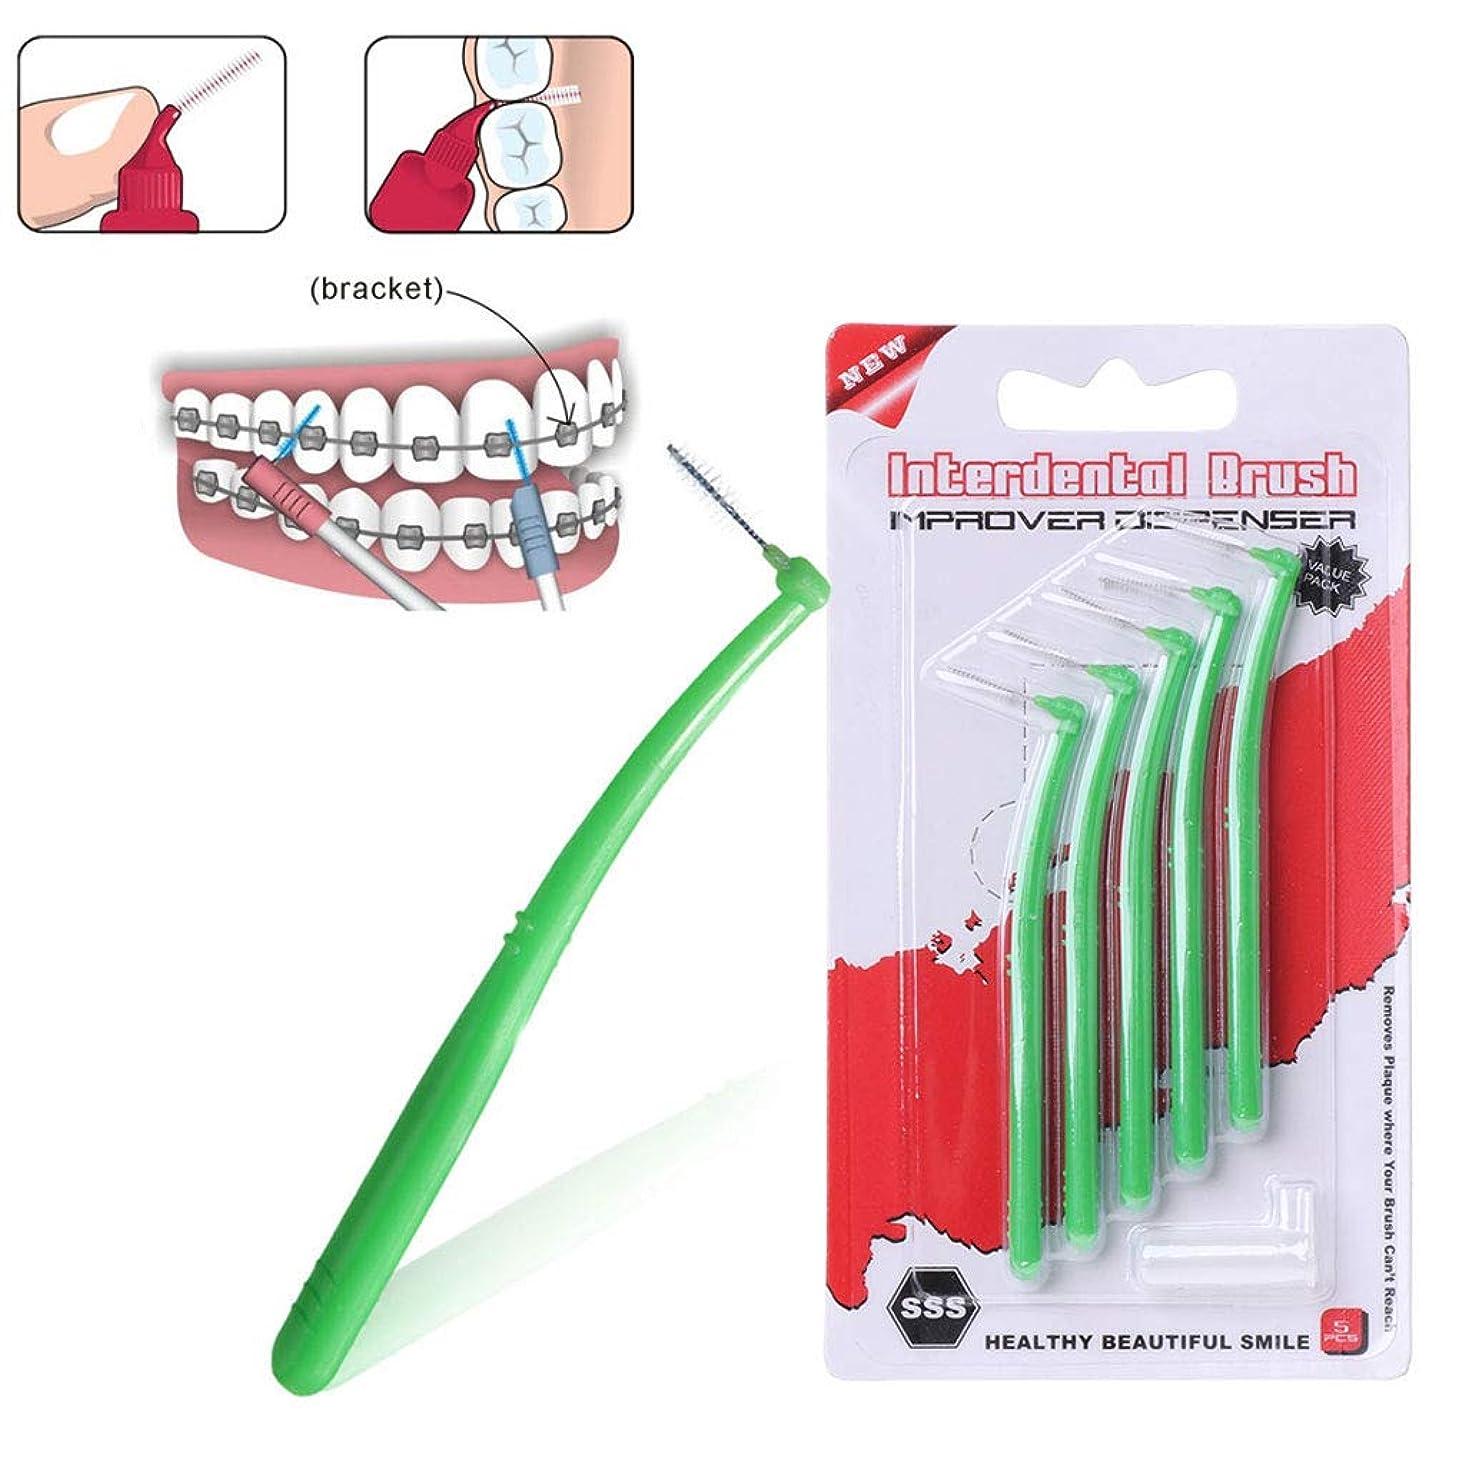 望ましいインスタンス水素Yblings 5本のL字型歯間ブラシ歯ブラシソフト歯科歯間口腔ケア